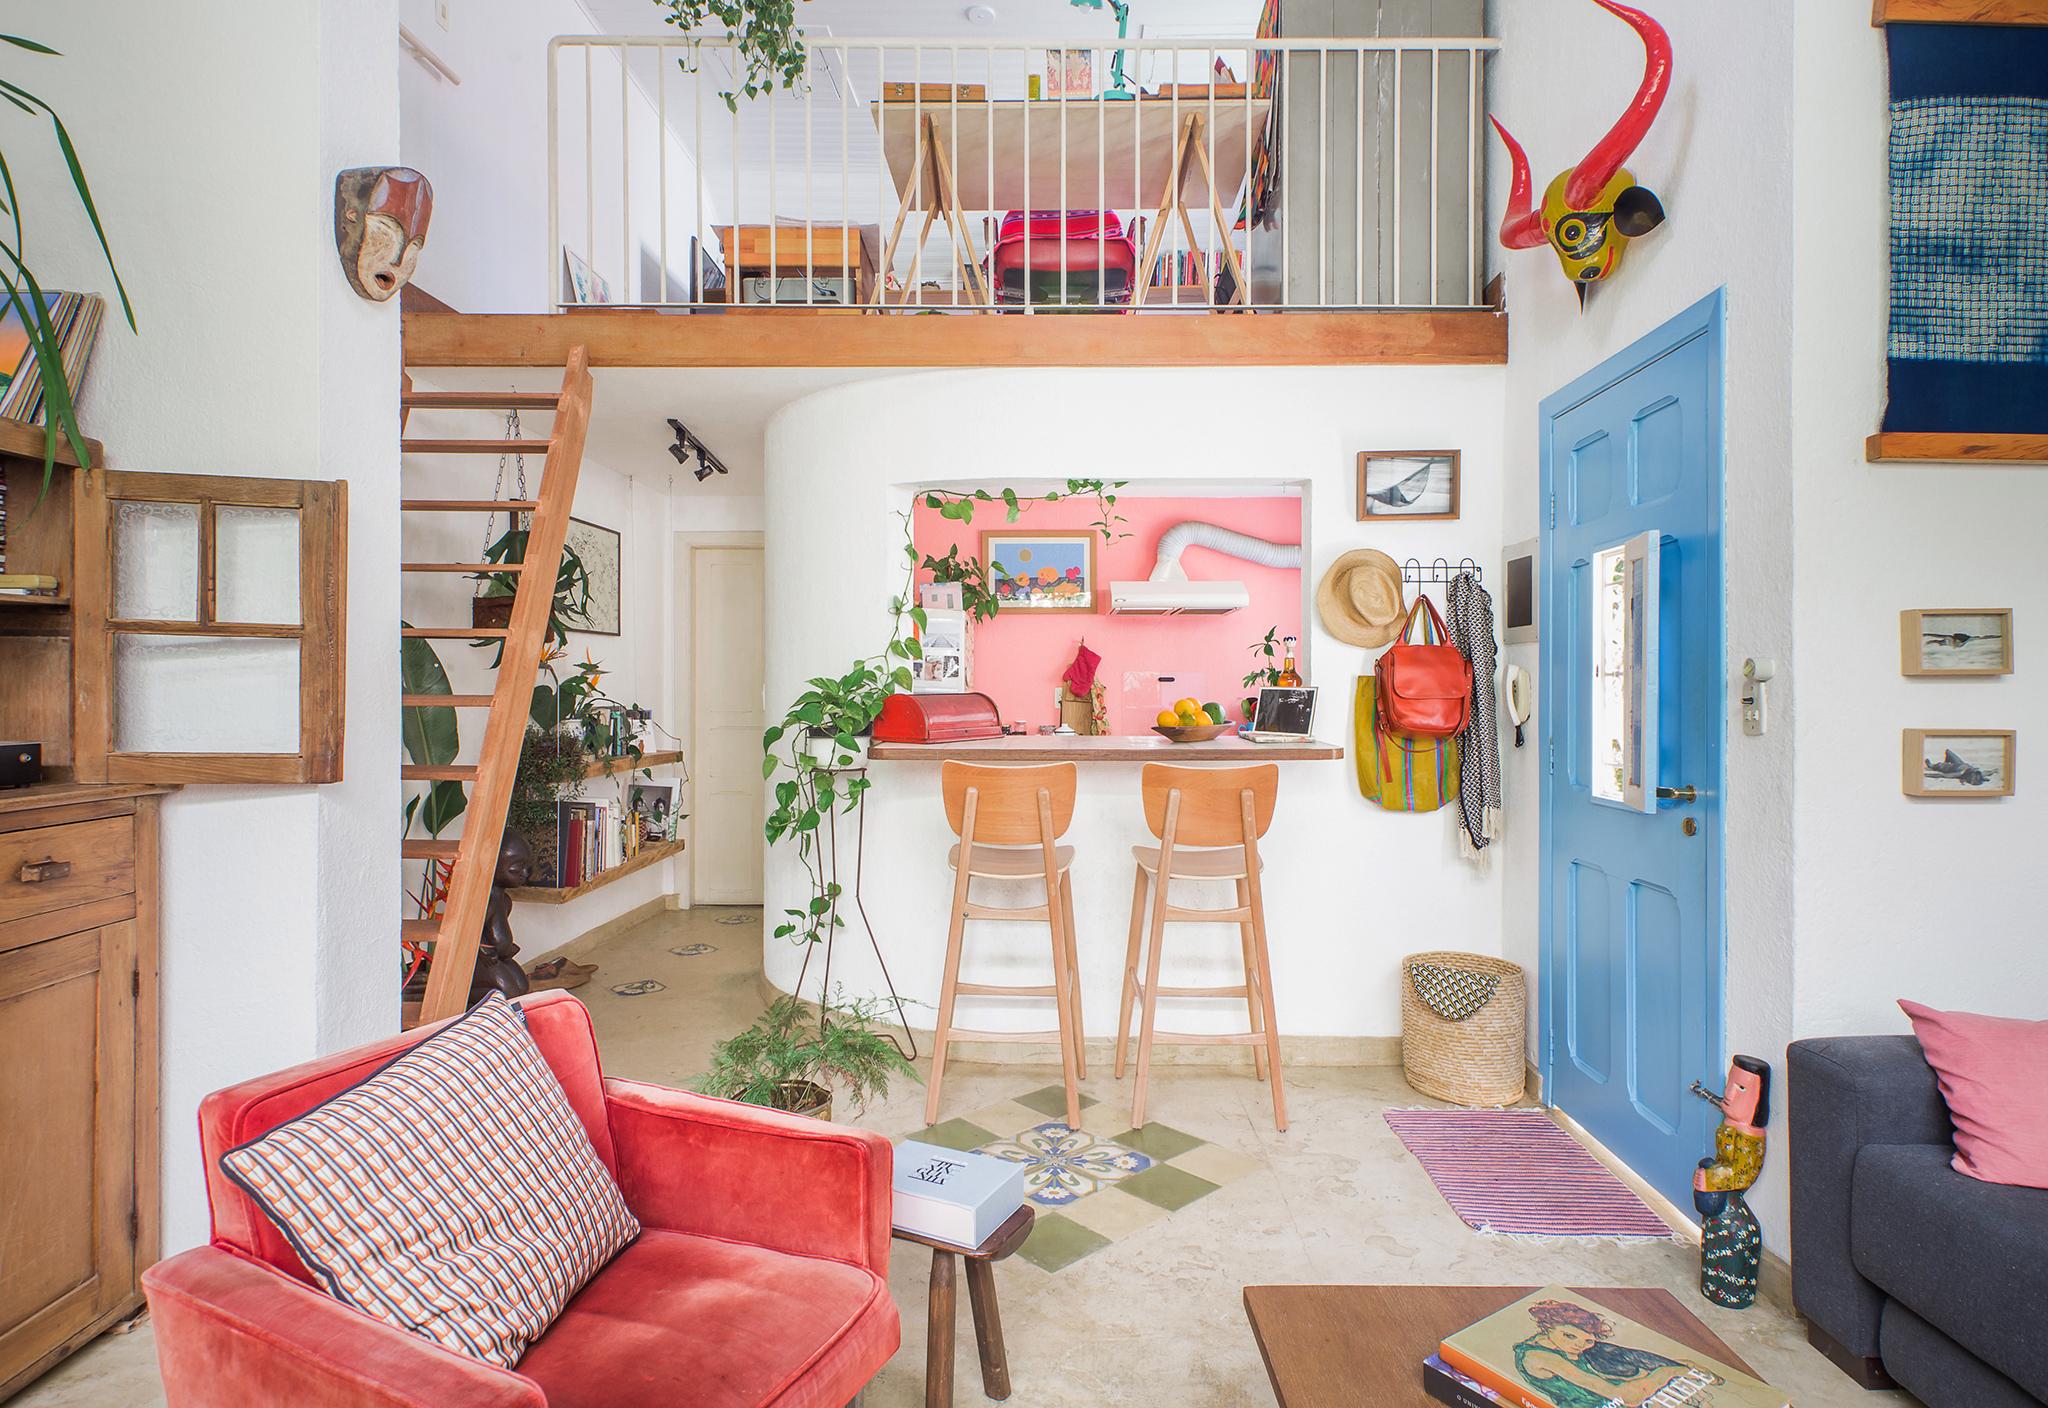 Casa colorida com mezanino e cozinha americana